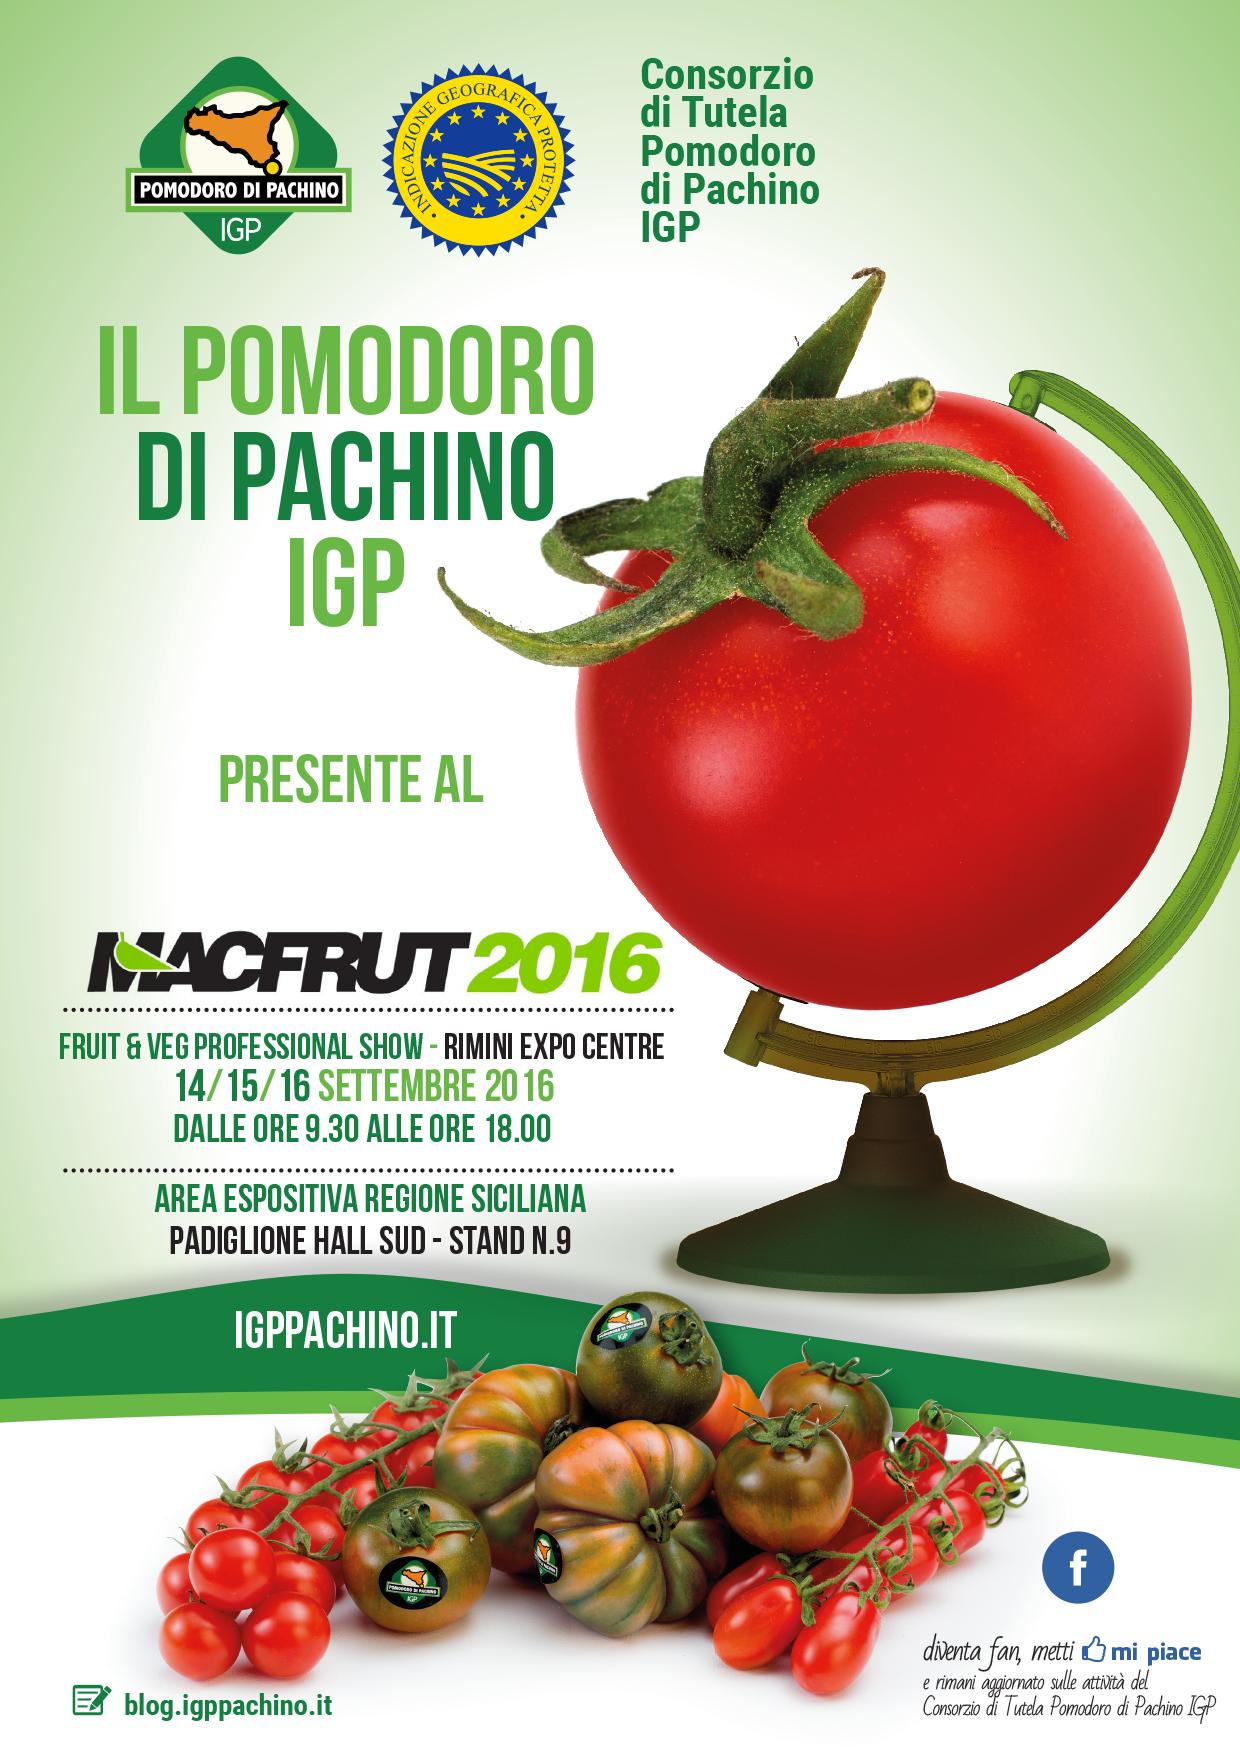 macfruit-2016-invito-igp-pachino